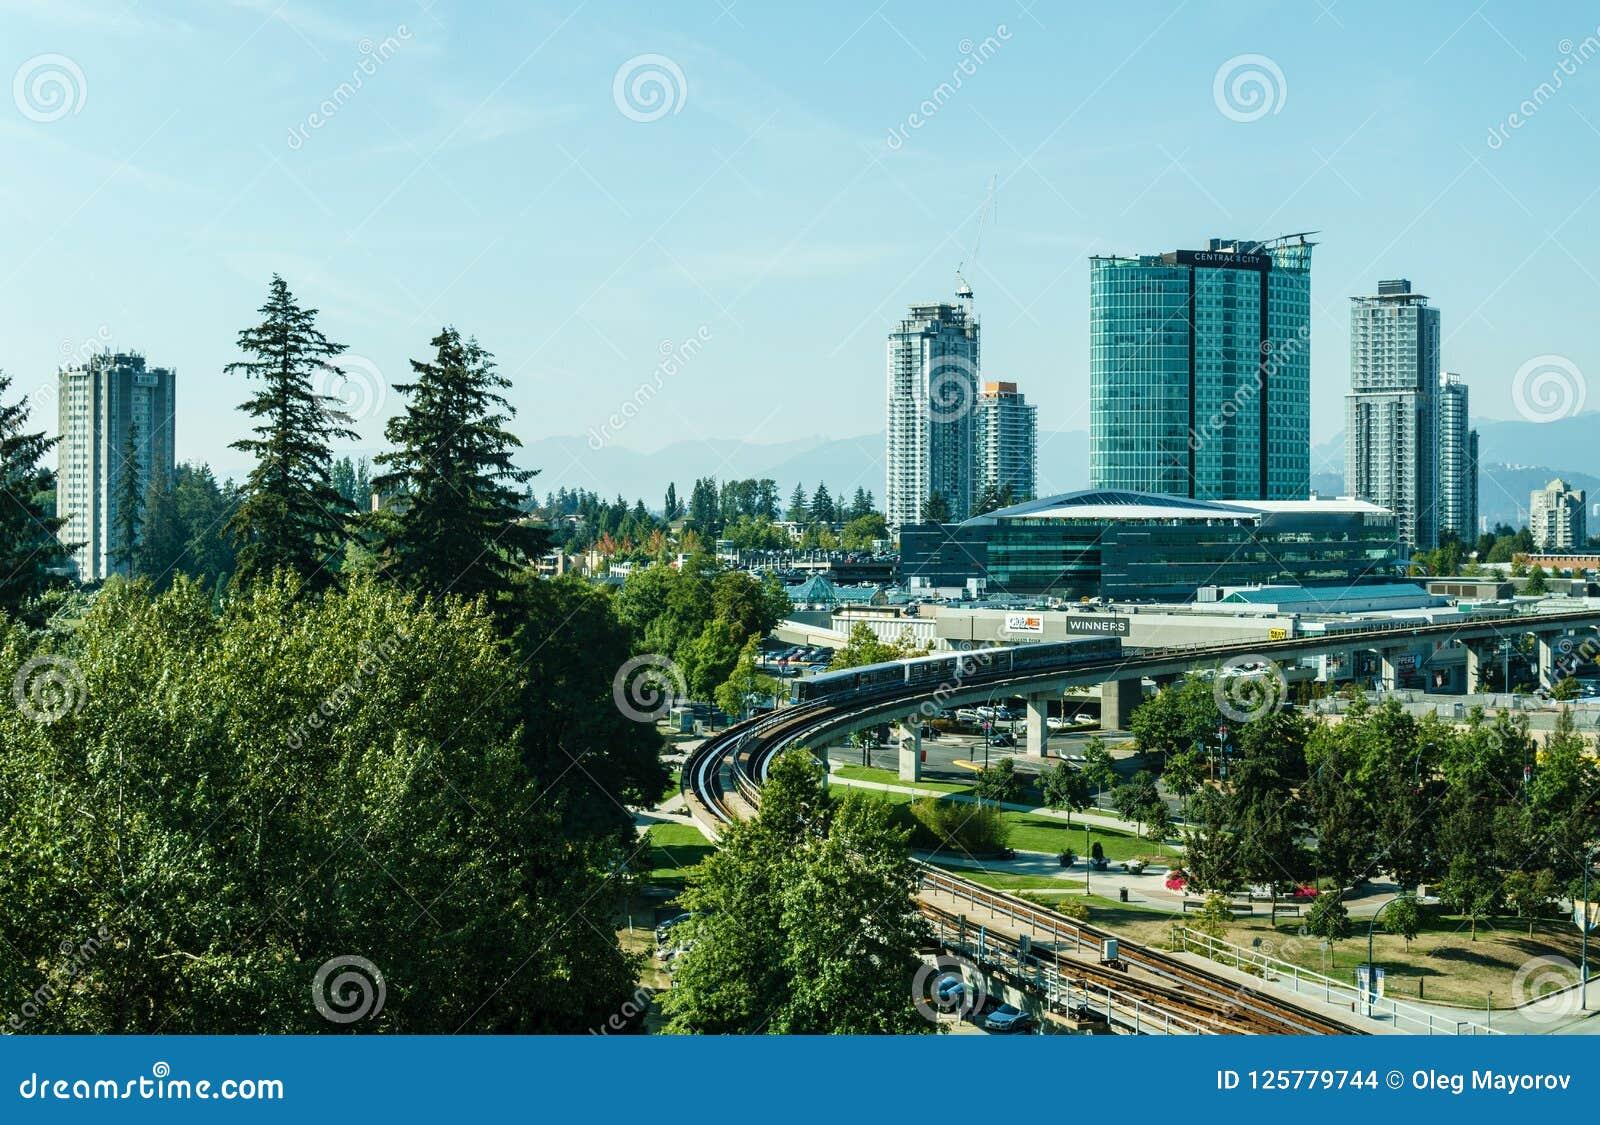 Surrey, Canadá 5 de septiembre de 2018: Edificios modernos y área de Vancouver del centro de ciudad de la infraestructura mayor